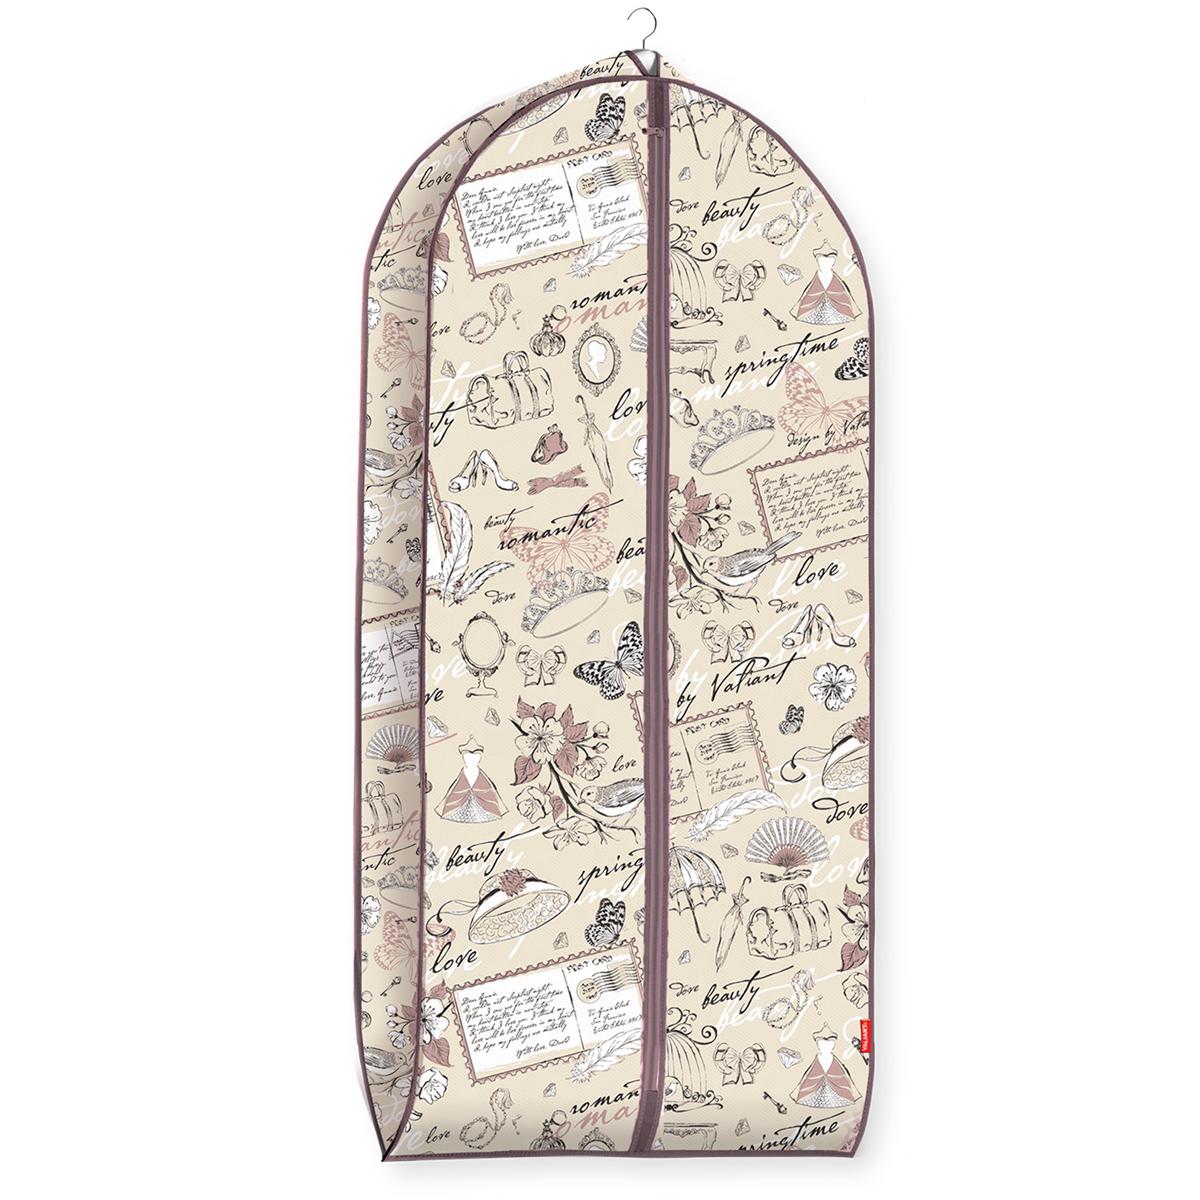 Чехол для одежды Valiant Romantic, объемный, 60 см х 137 см х 10 смRM-CV-137Чехол для одежды Valiant Romantic изготовлен из высококачественного нетканого материала (спанбонда), который обеспечивает естественную вентиляцию, позволяя воздуху проникать внутрь, но не пропускает пыль. Чехол очень удобен в использовании. Наличие боковой вставки увеличивает объем чехла, что позволяет хранить крупные объемные вещи. Чехол легко открывается и закрывается застежкой-молнией. Идеально подойдет для хранения одежды и удобной перевозки. Система хранения Romantic создаст трогательную атмосферу романтического настроения в женском гардеробе. Оригинальный дизайн придется по вкусу ценительницам эстетичного хранения. Системы хранения в едином дизайне сделают вашу гардеробную изысканной и невероятно стильной.